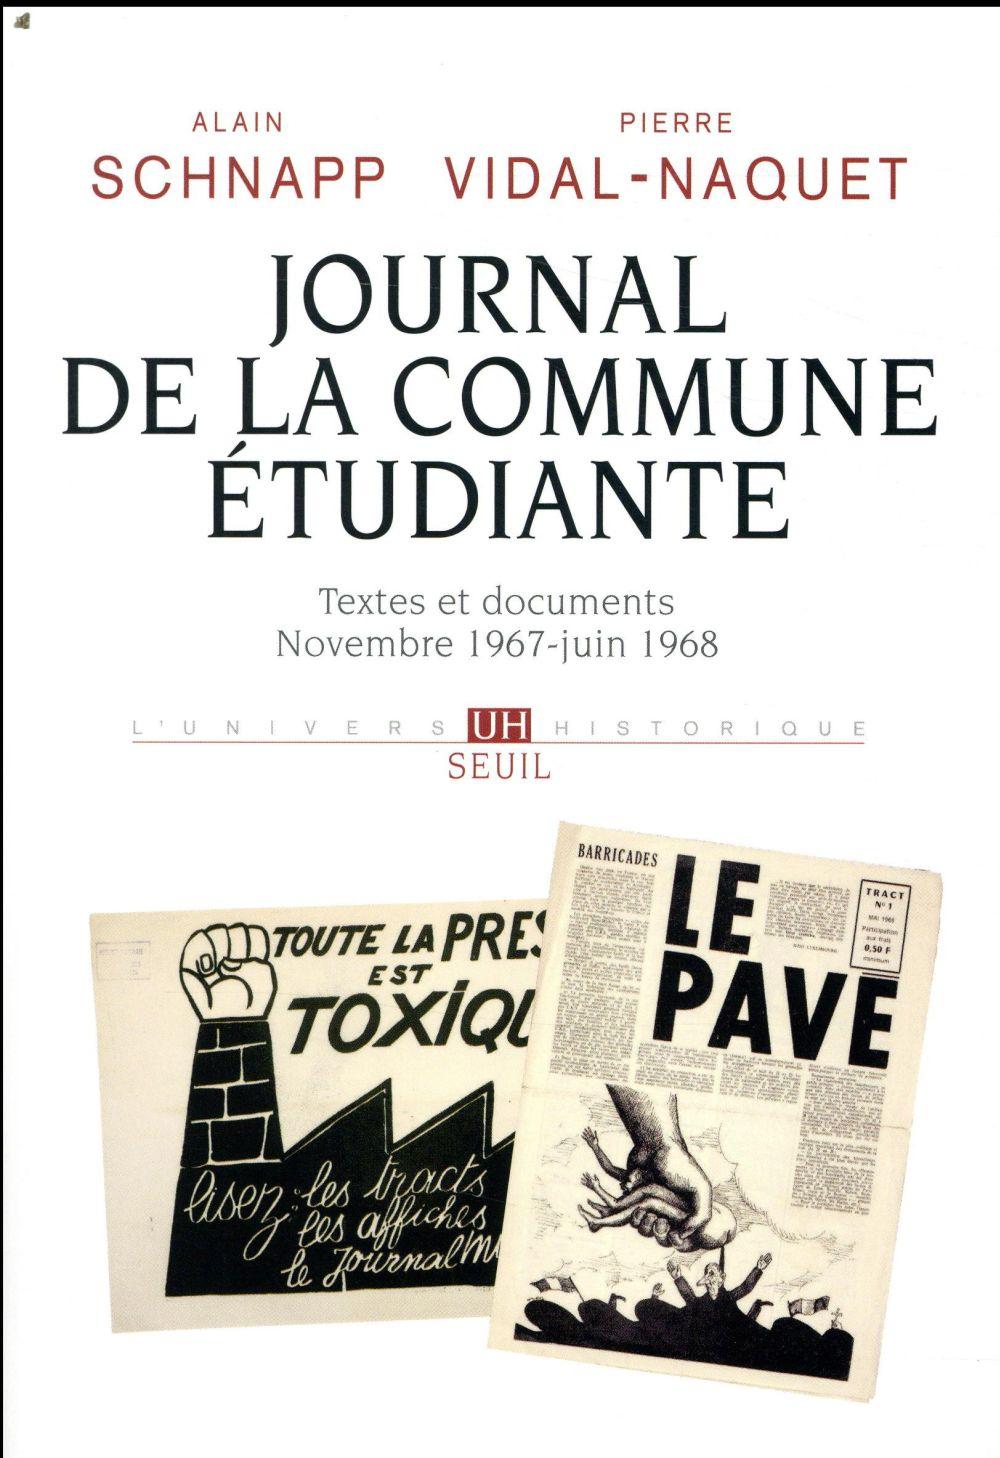 JOURNAL DE LA COMMUNE ETUDIANTE